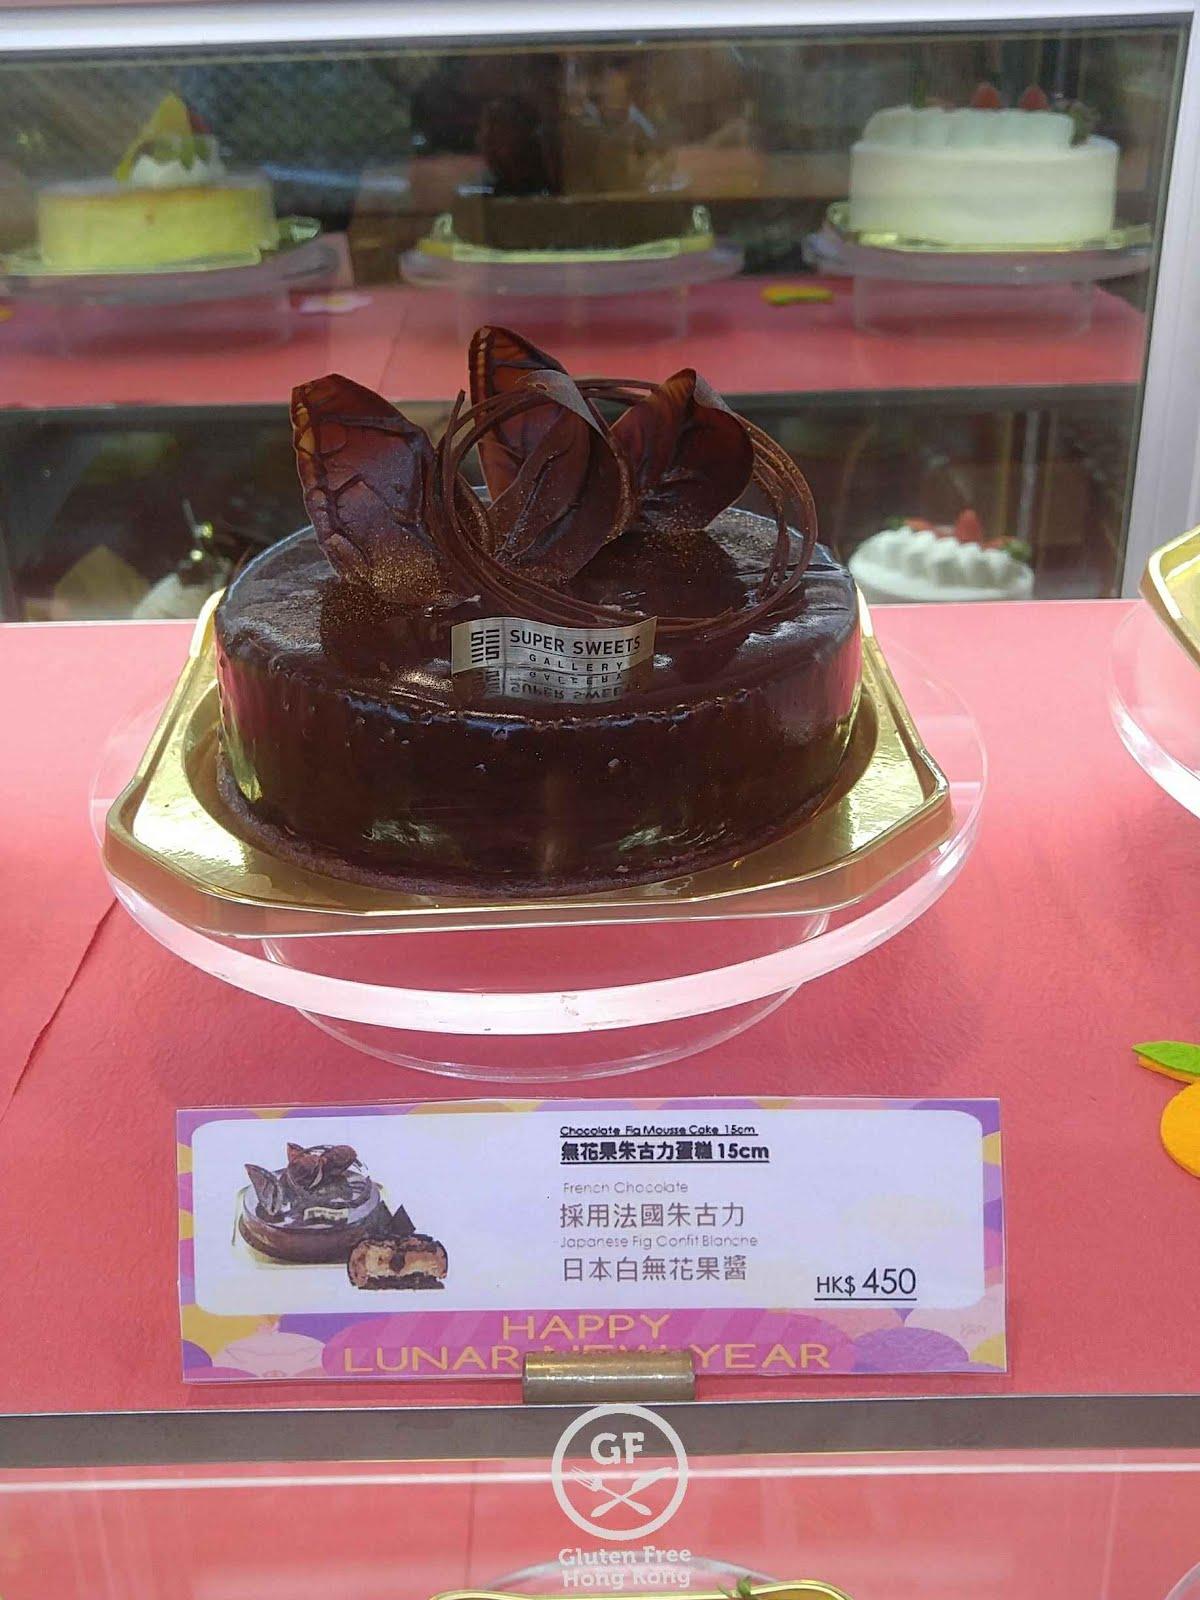 新發現 – Super Sweets Gallery – 無麩香港